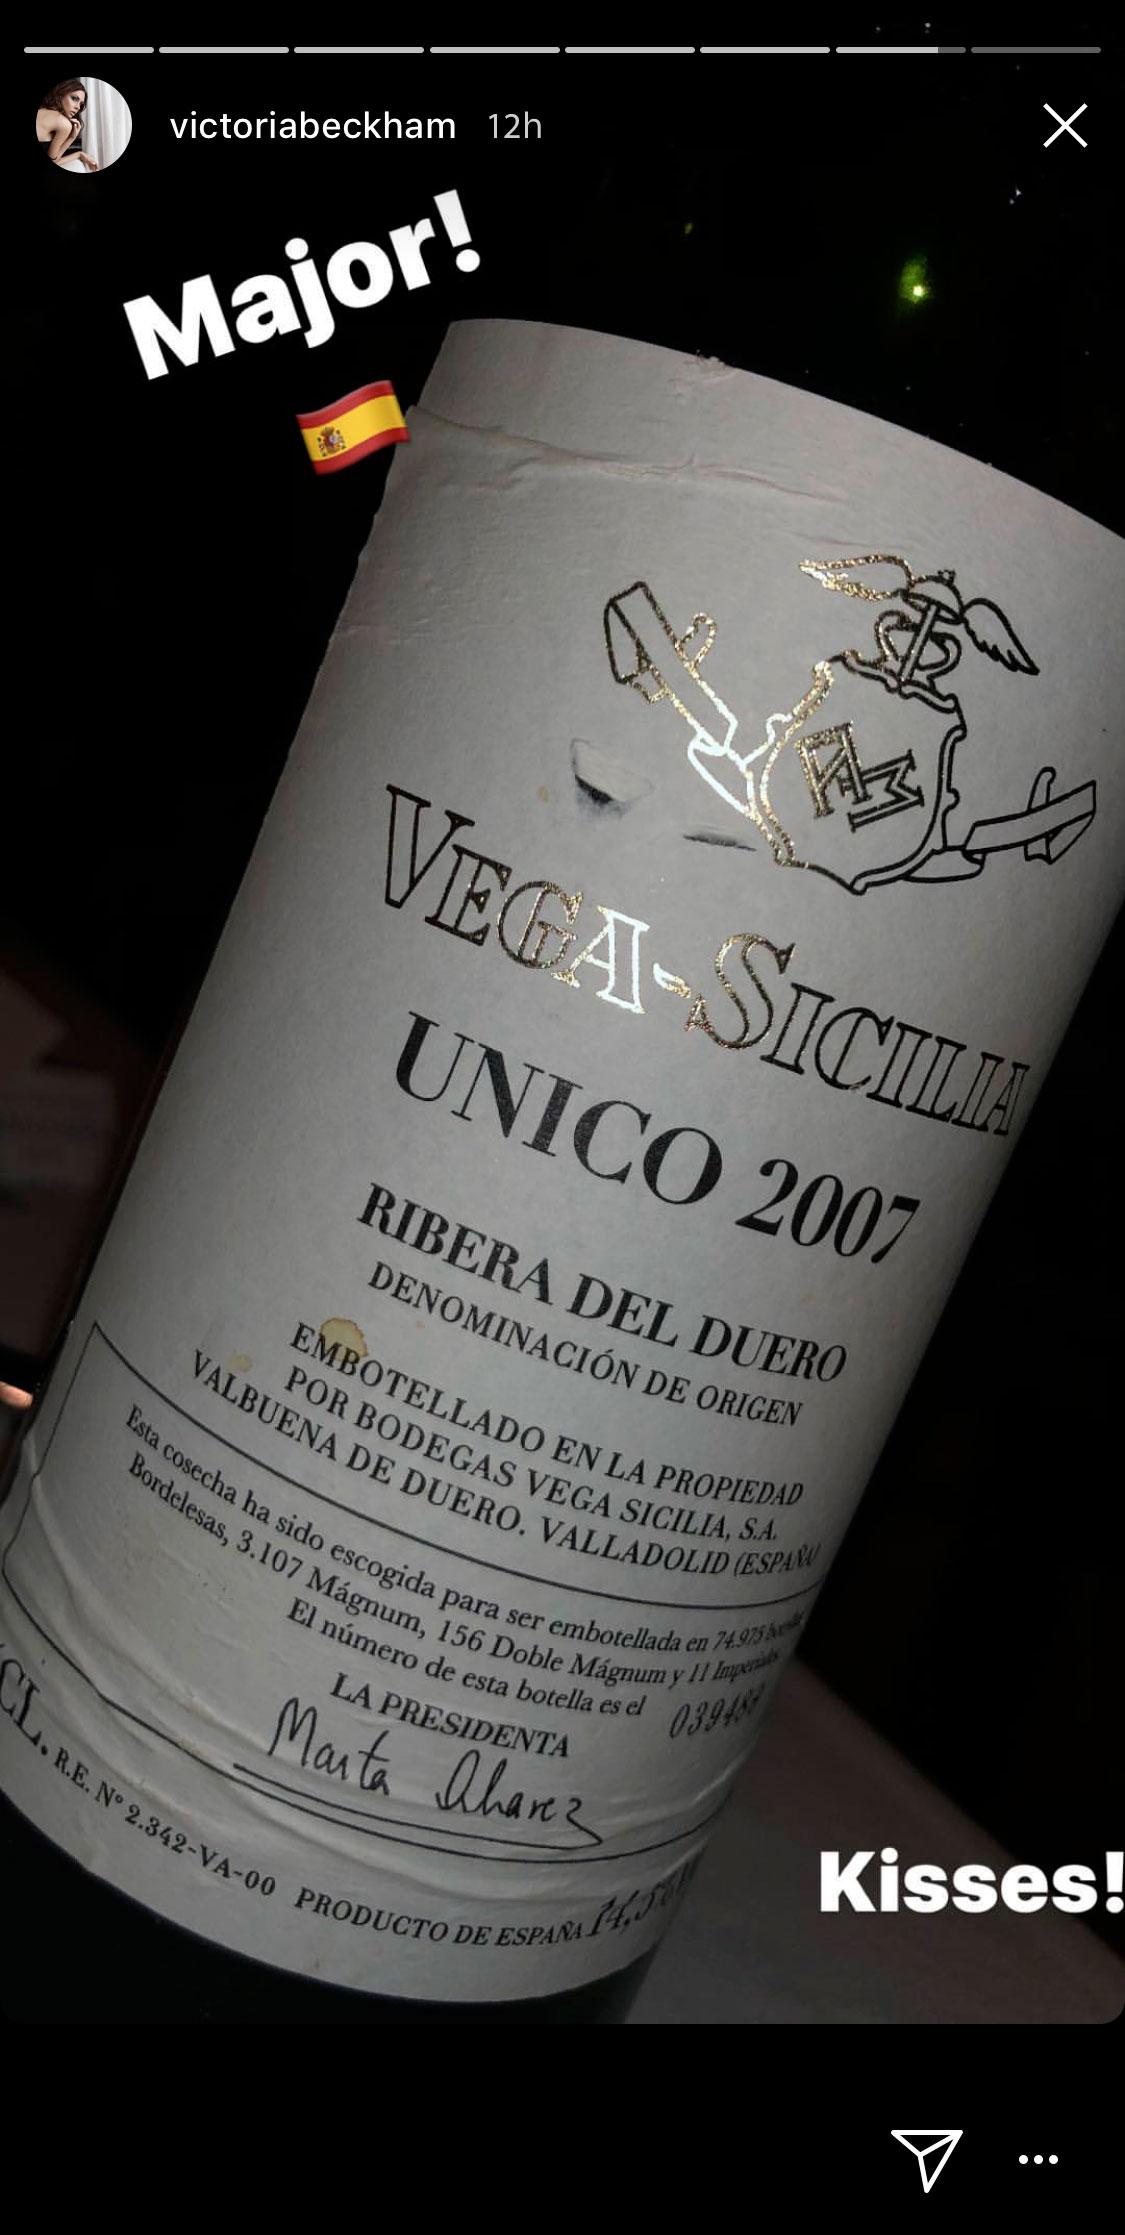 Victoria Beckham se enamora de uno de los vinos españoles más exclusivos